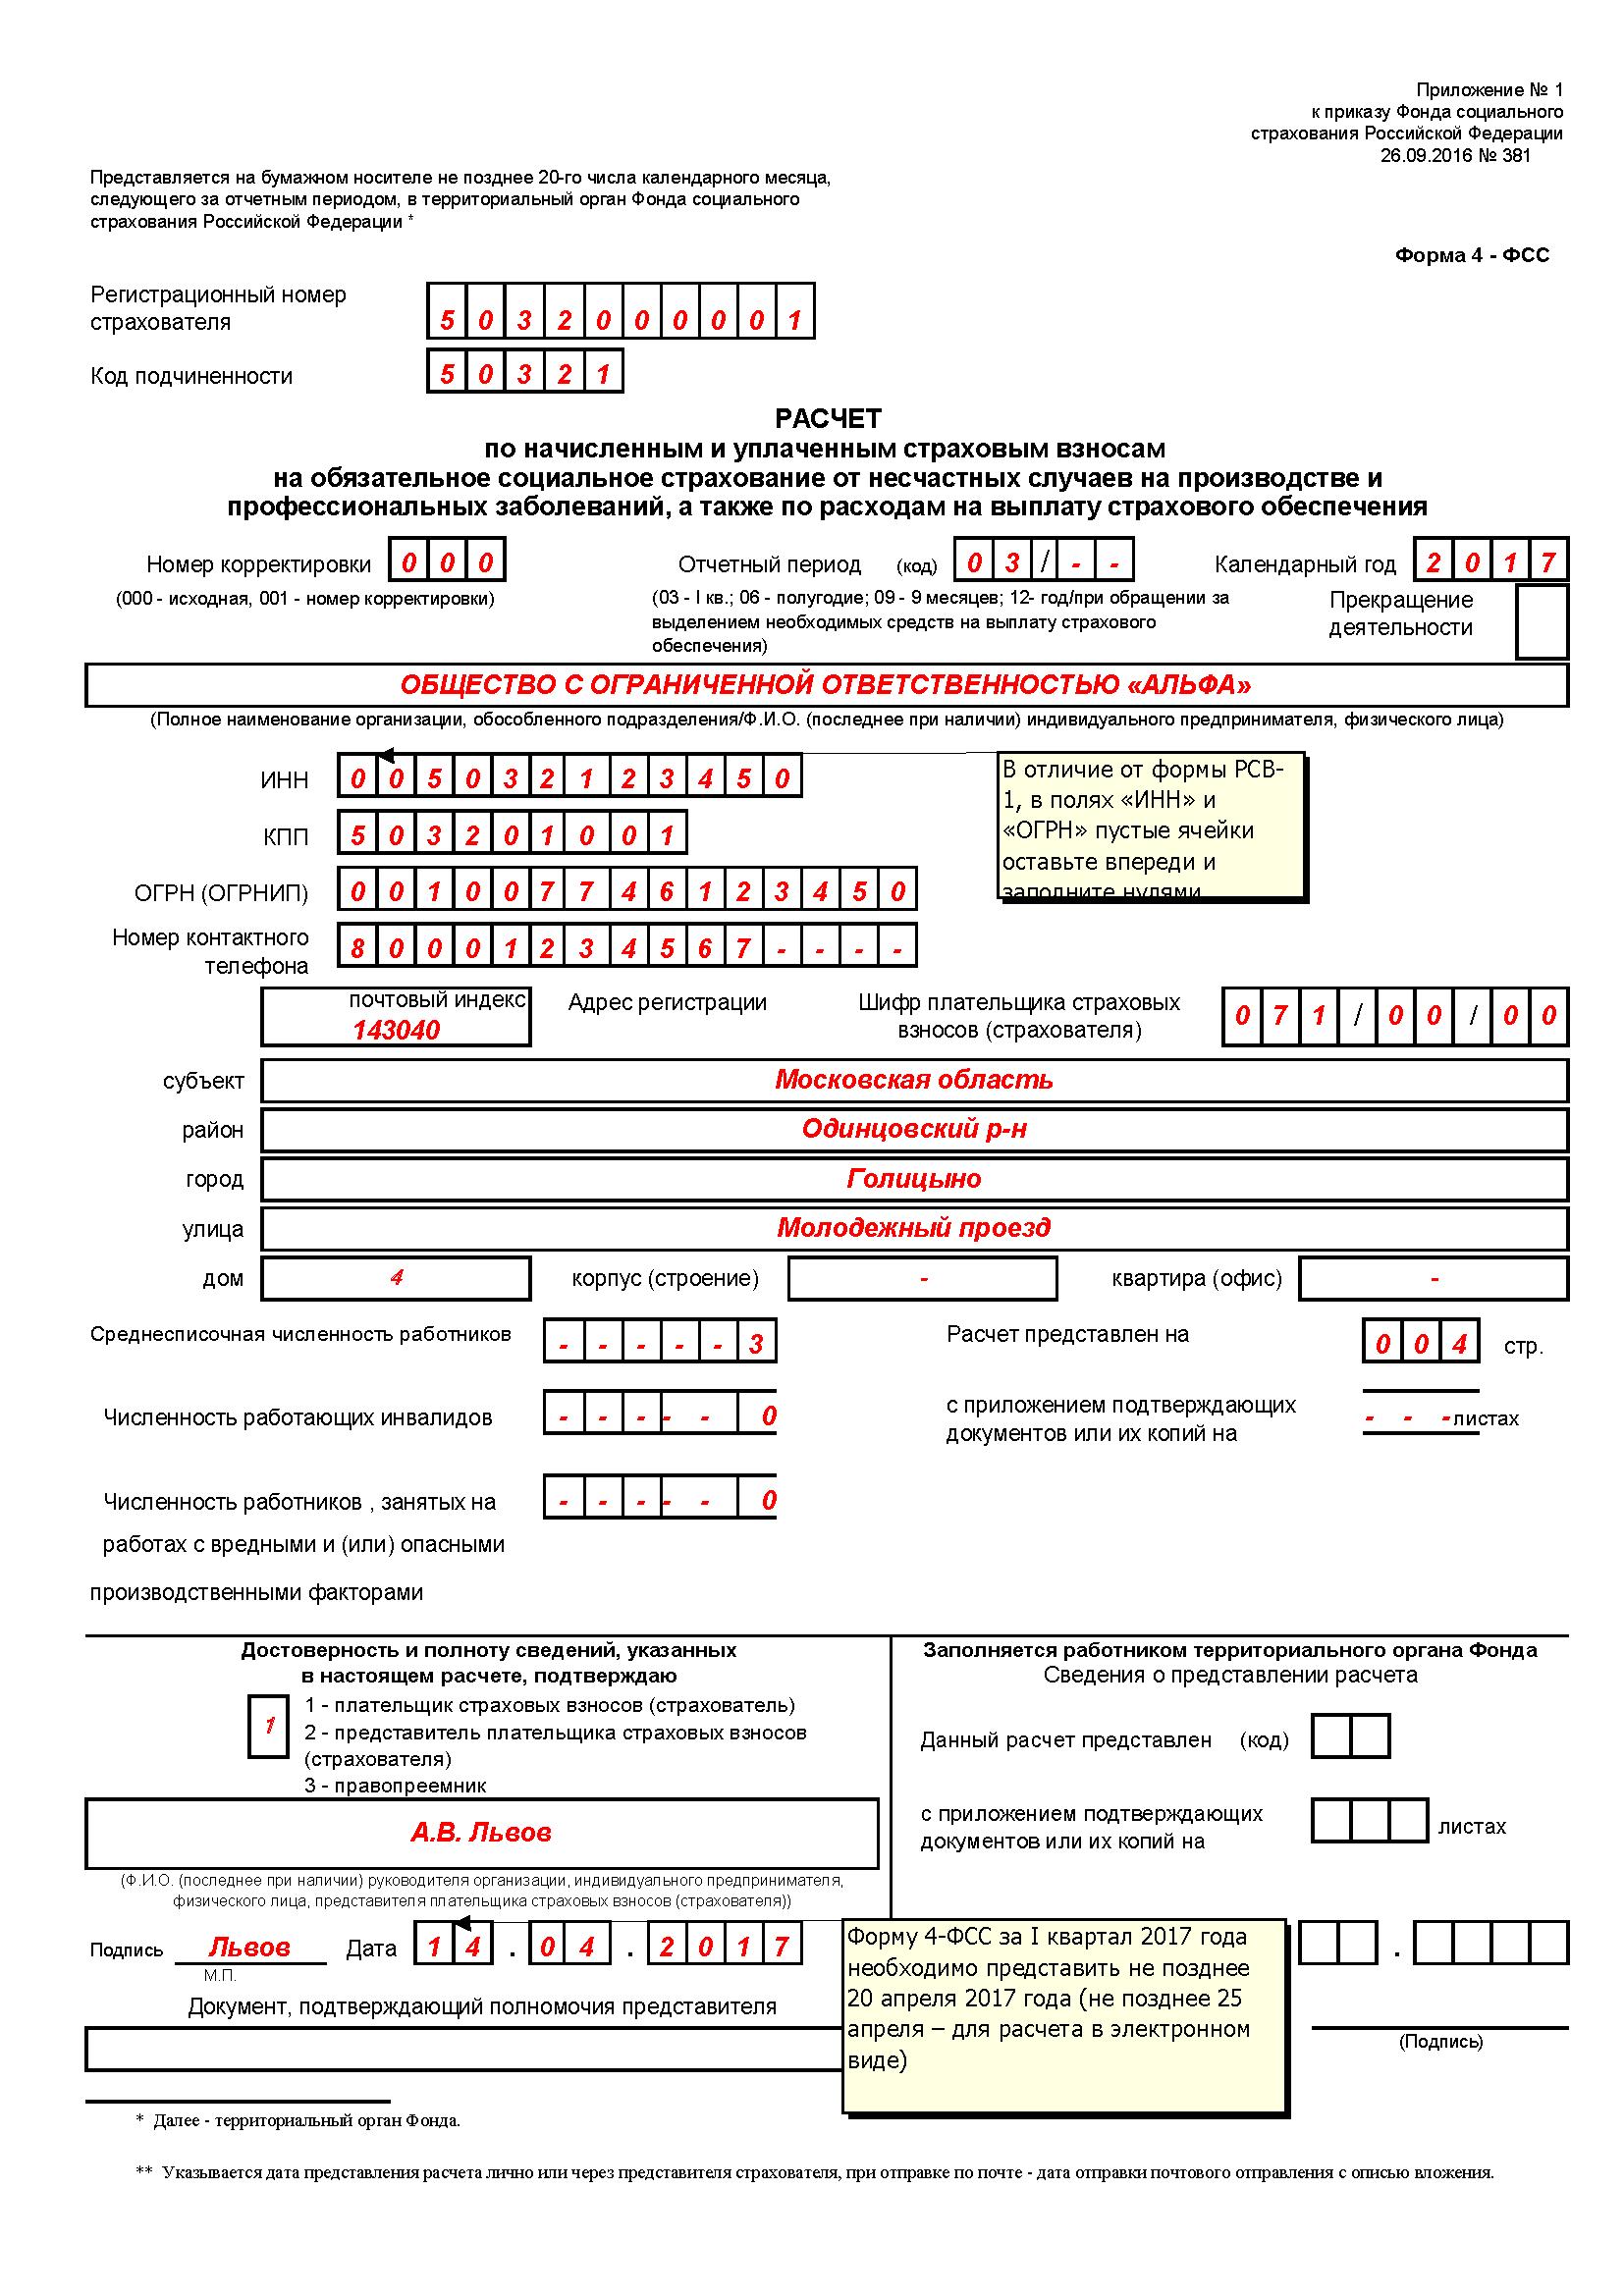 бланк заявления на скидку в фсс